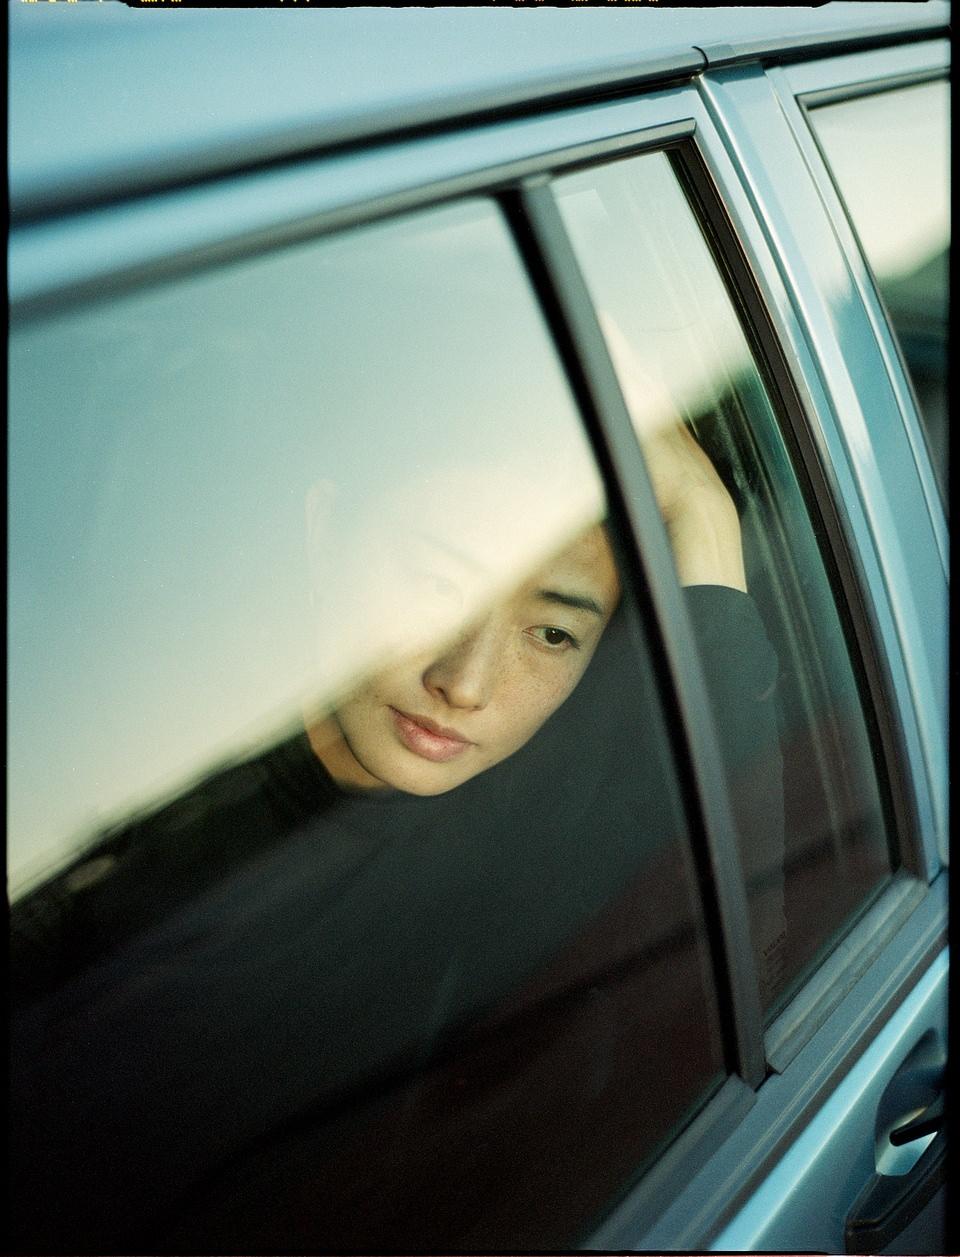 Gesicht hinter einem Autofenster